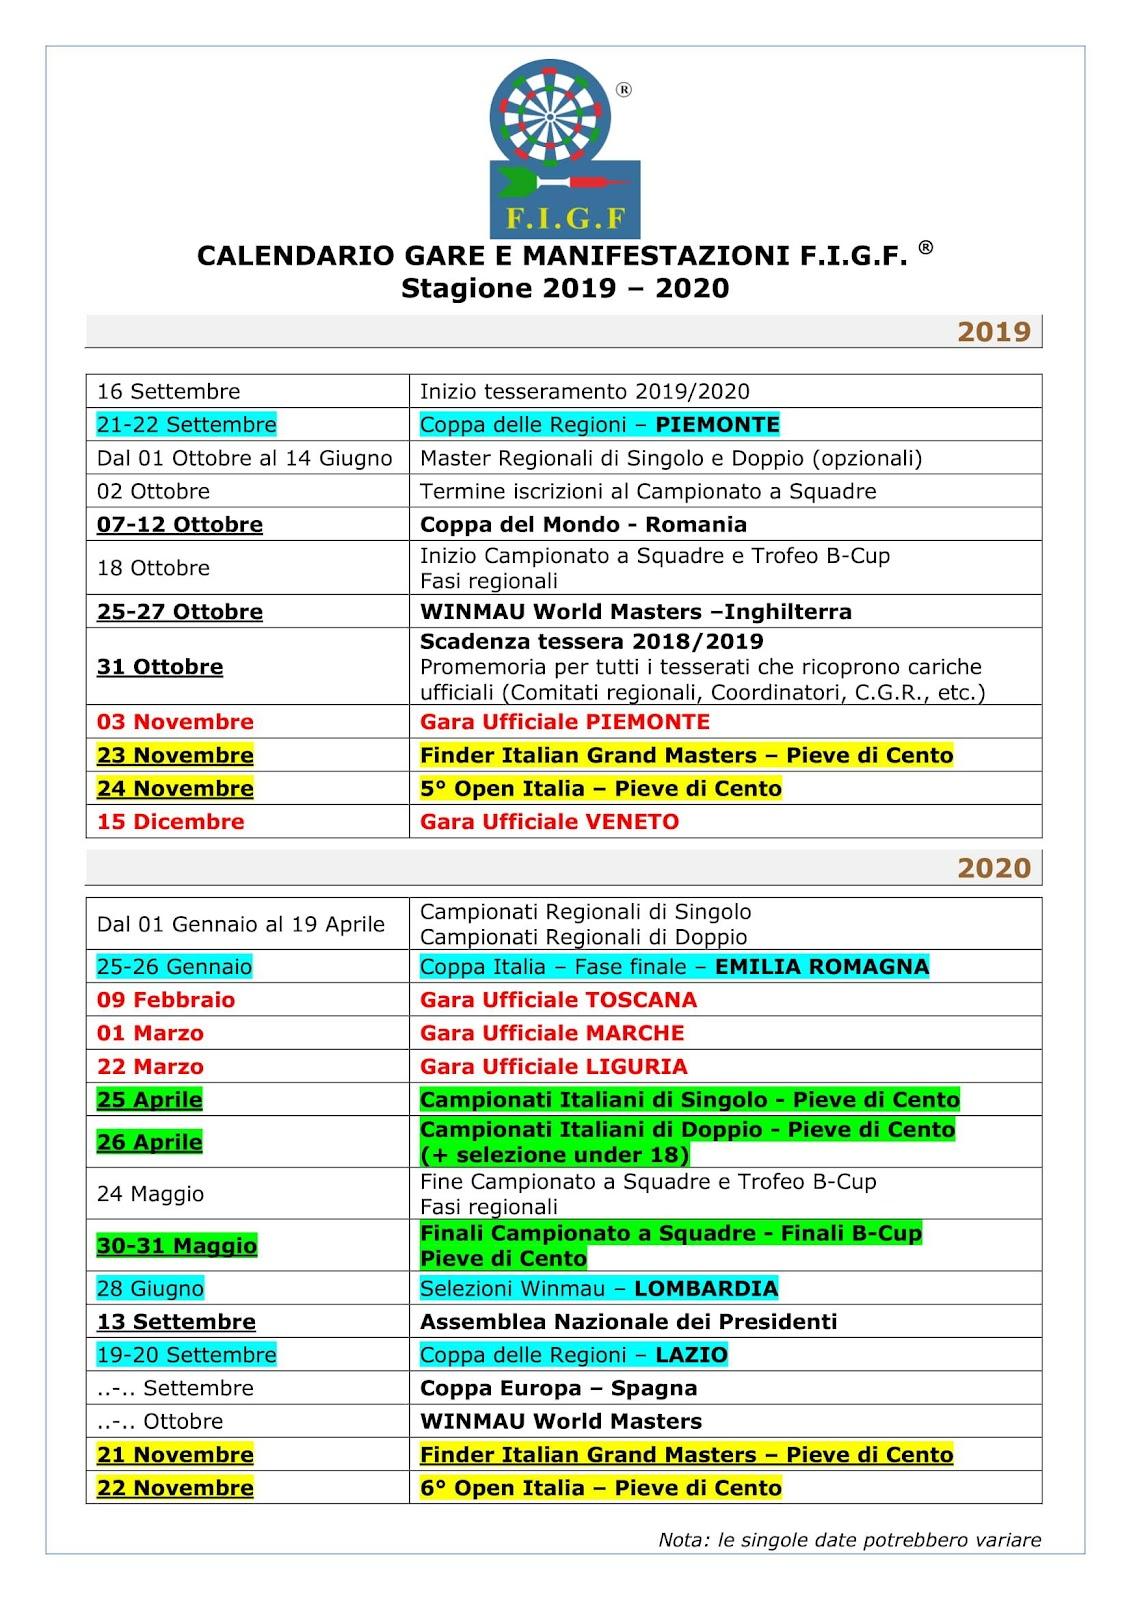 CALENDARIO GARE E MANIFESTAZIONI F.I.G.F.